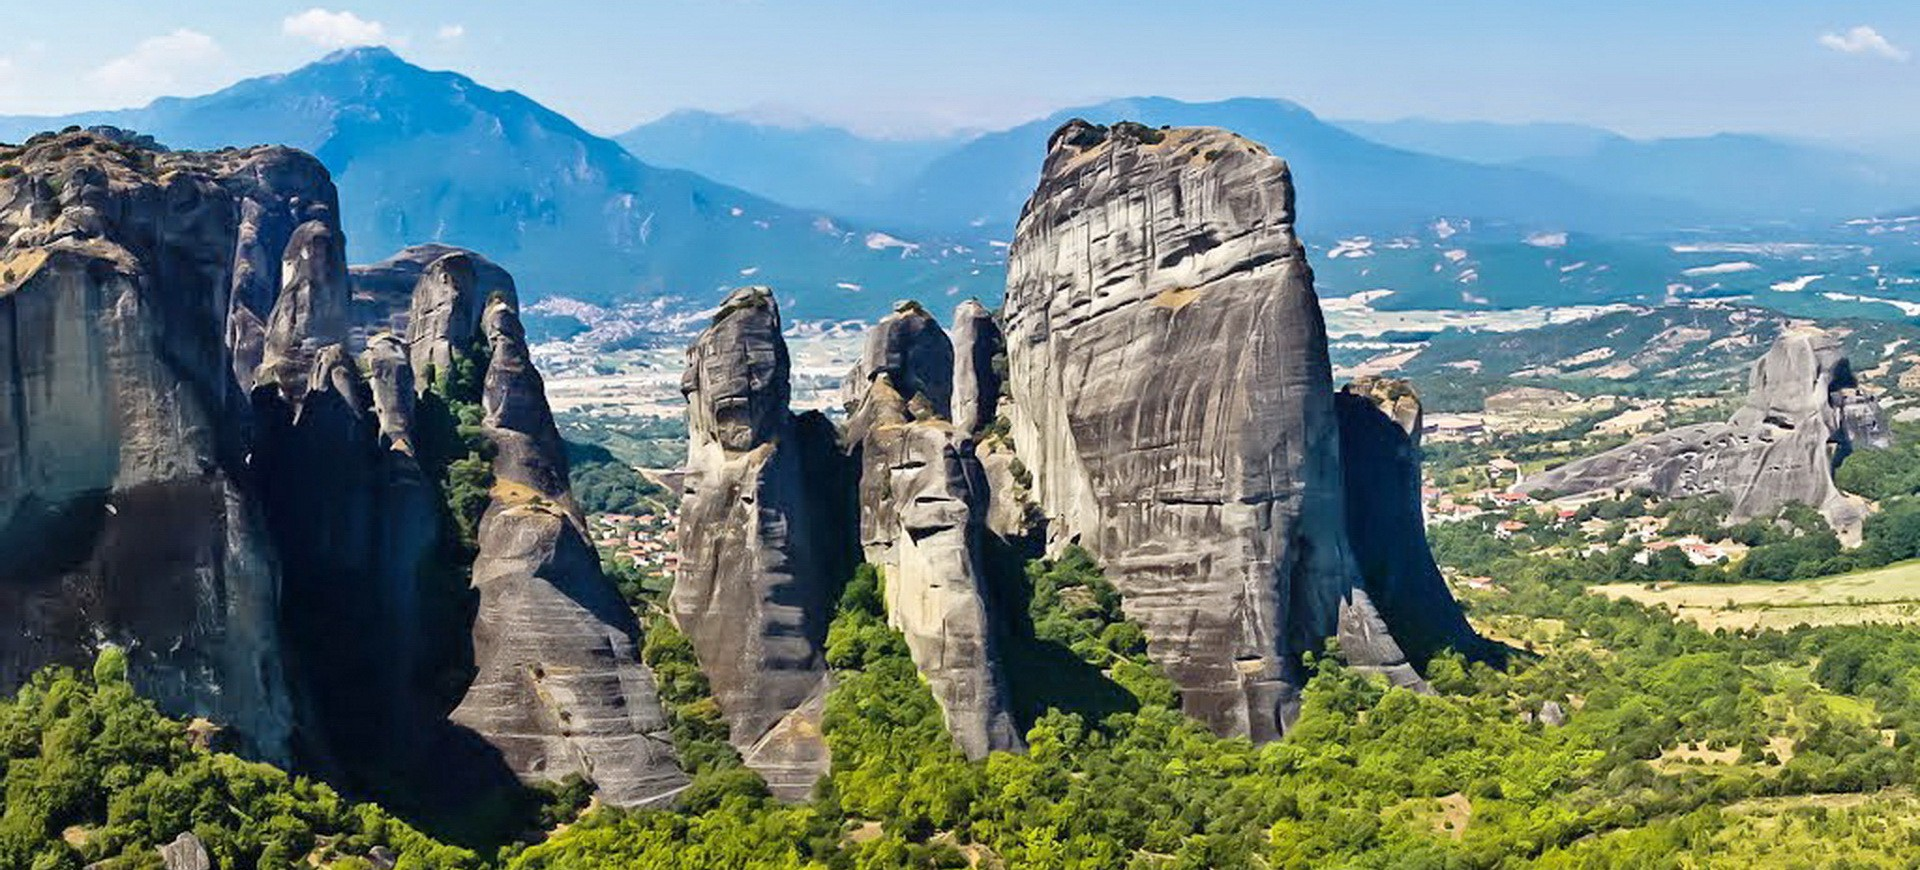 Montagnes dans les Météores en Grèce